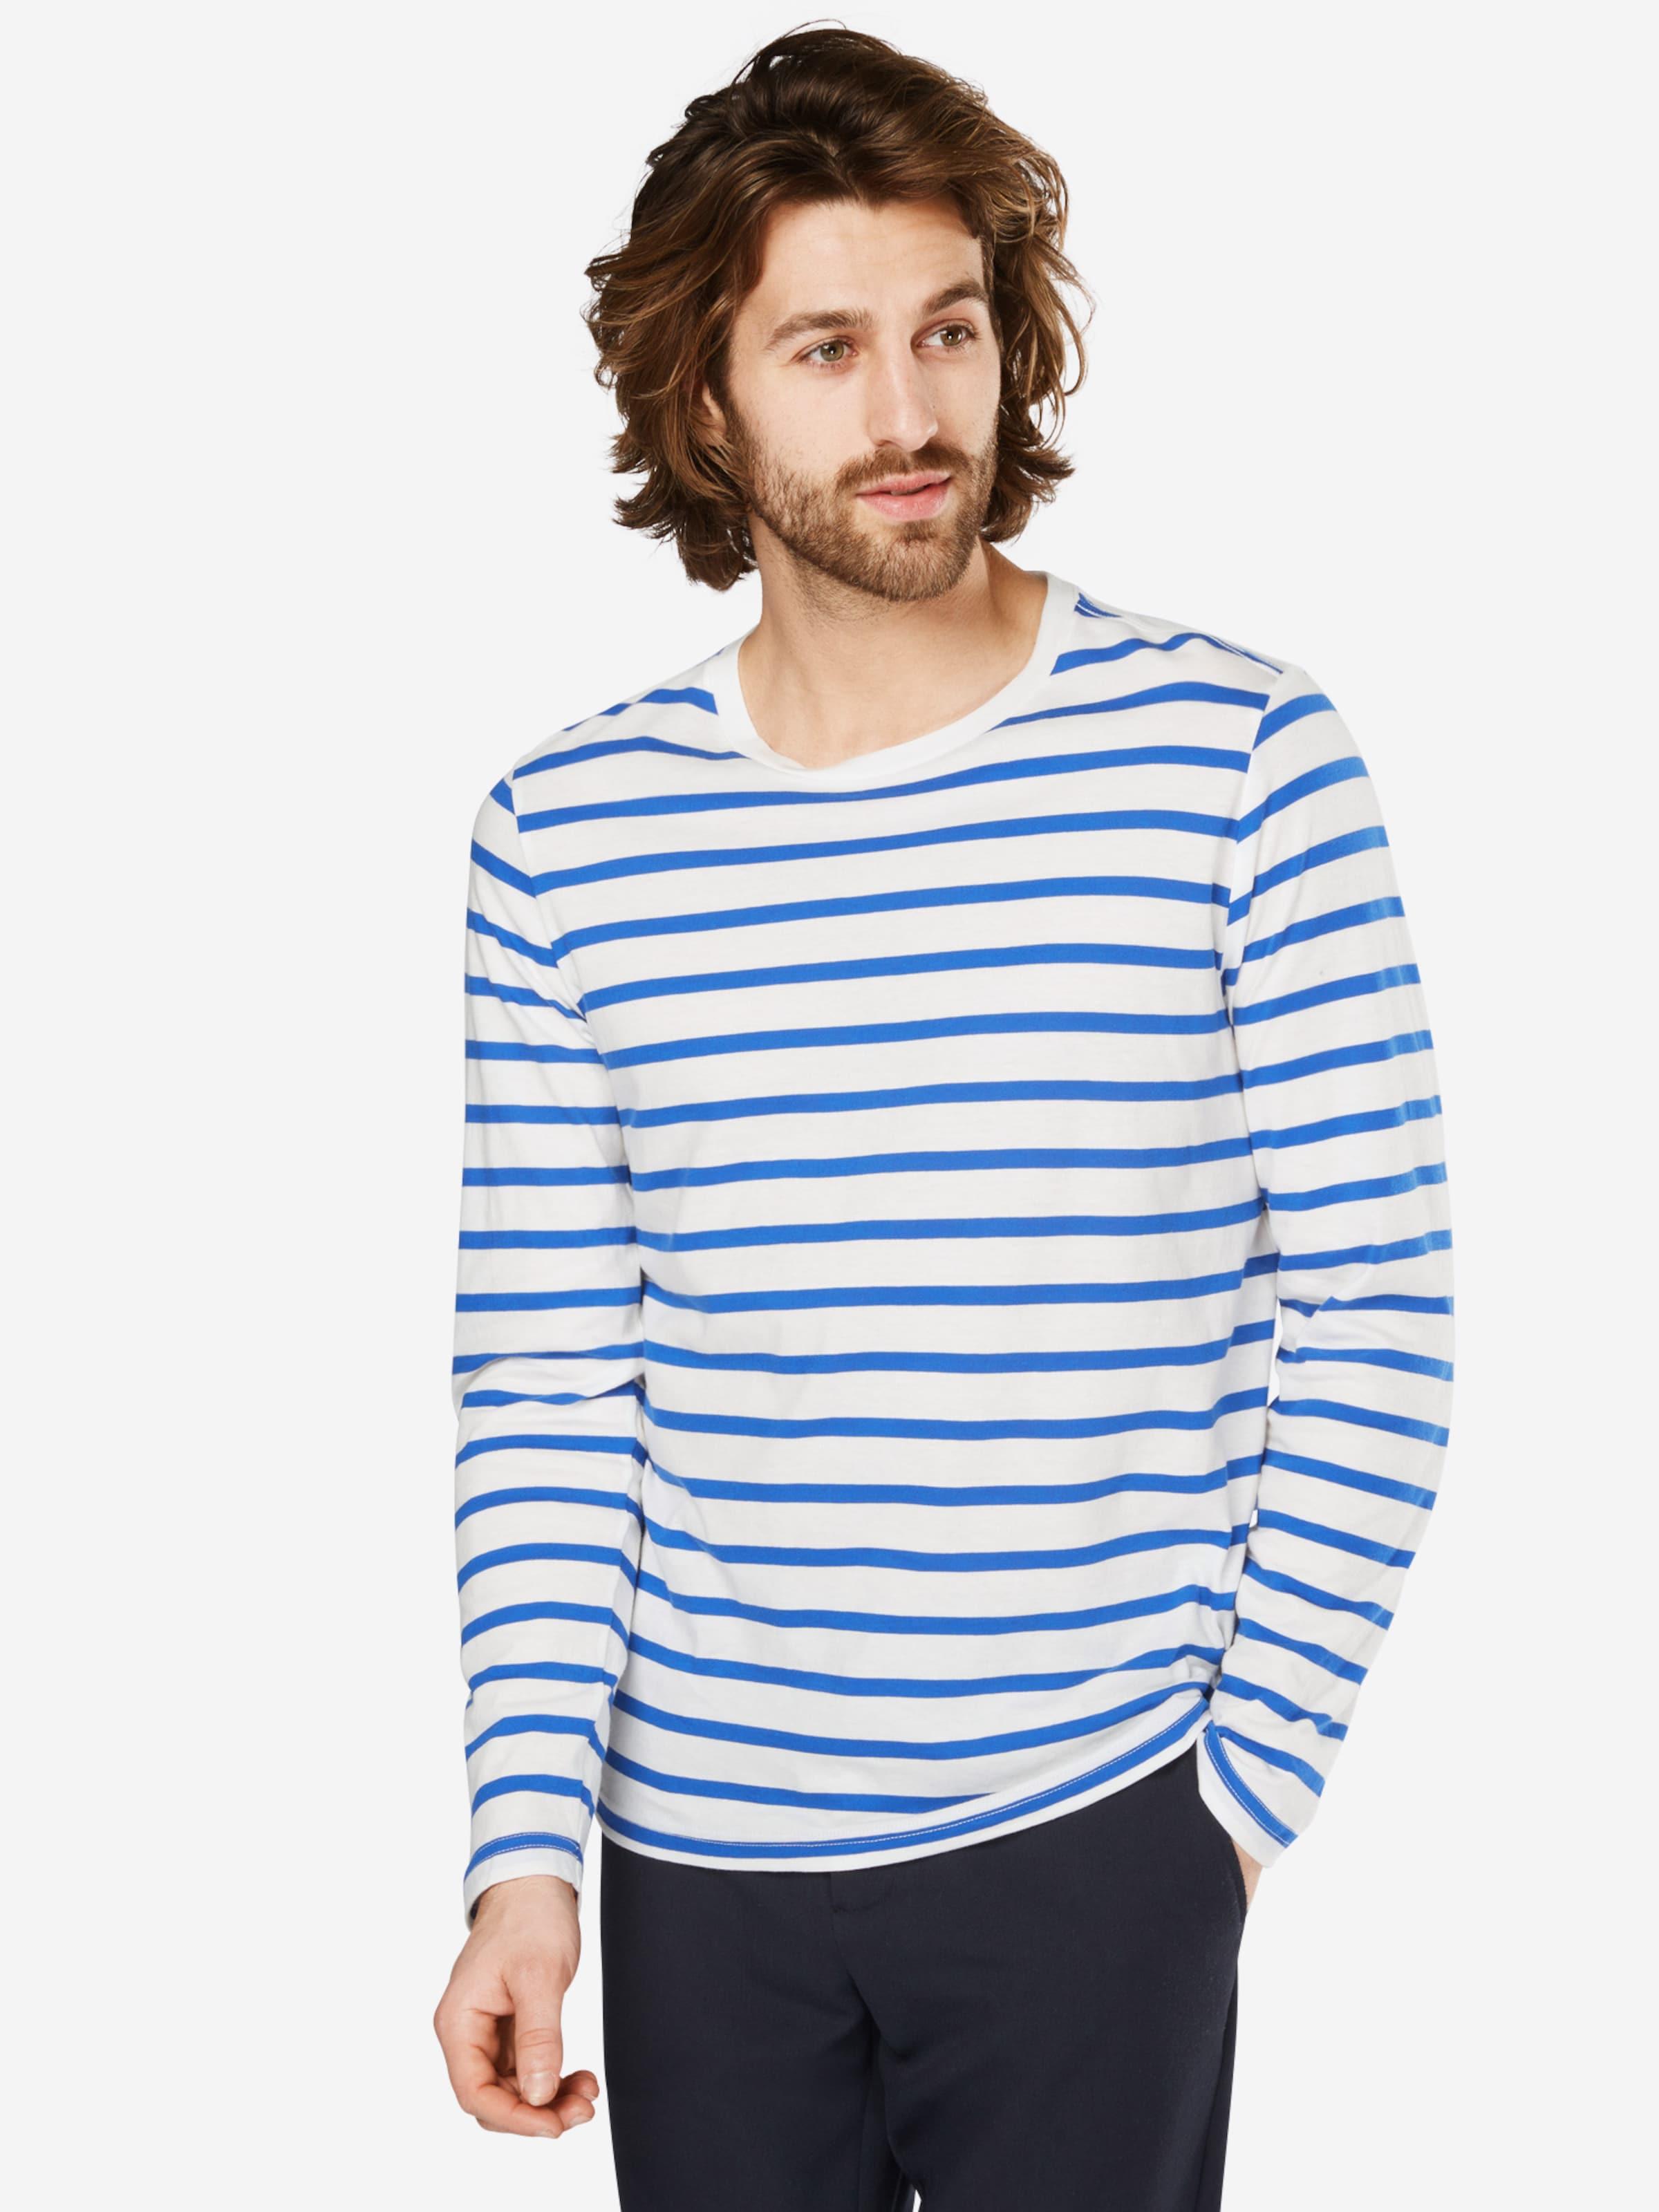 GAP Shirt 'Everyday' Billig Großer Verkauf Verkauf Des Niedrigen Preises Billig Einkaufen Rabatt Hohe Qualität RvIReKb